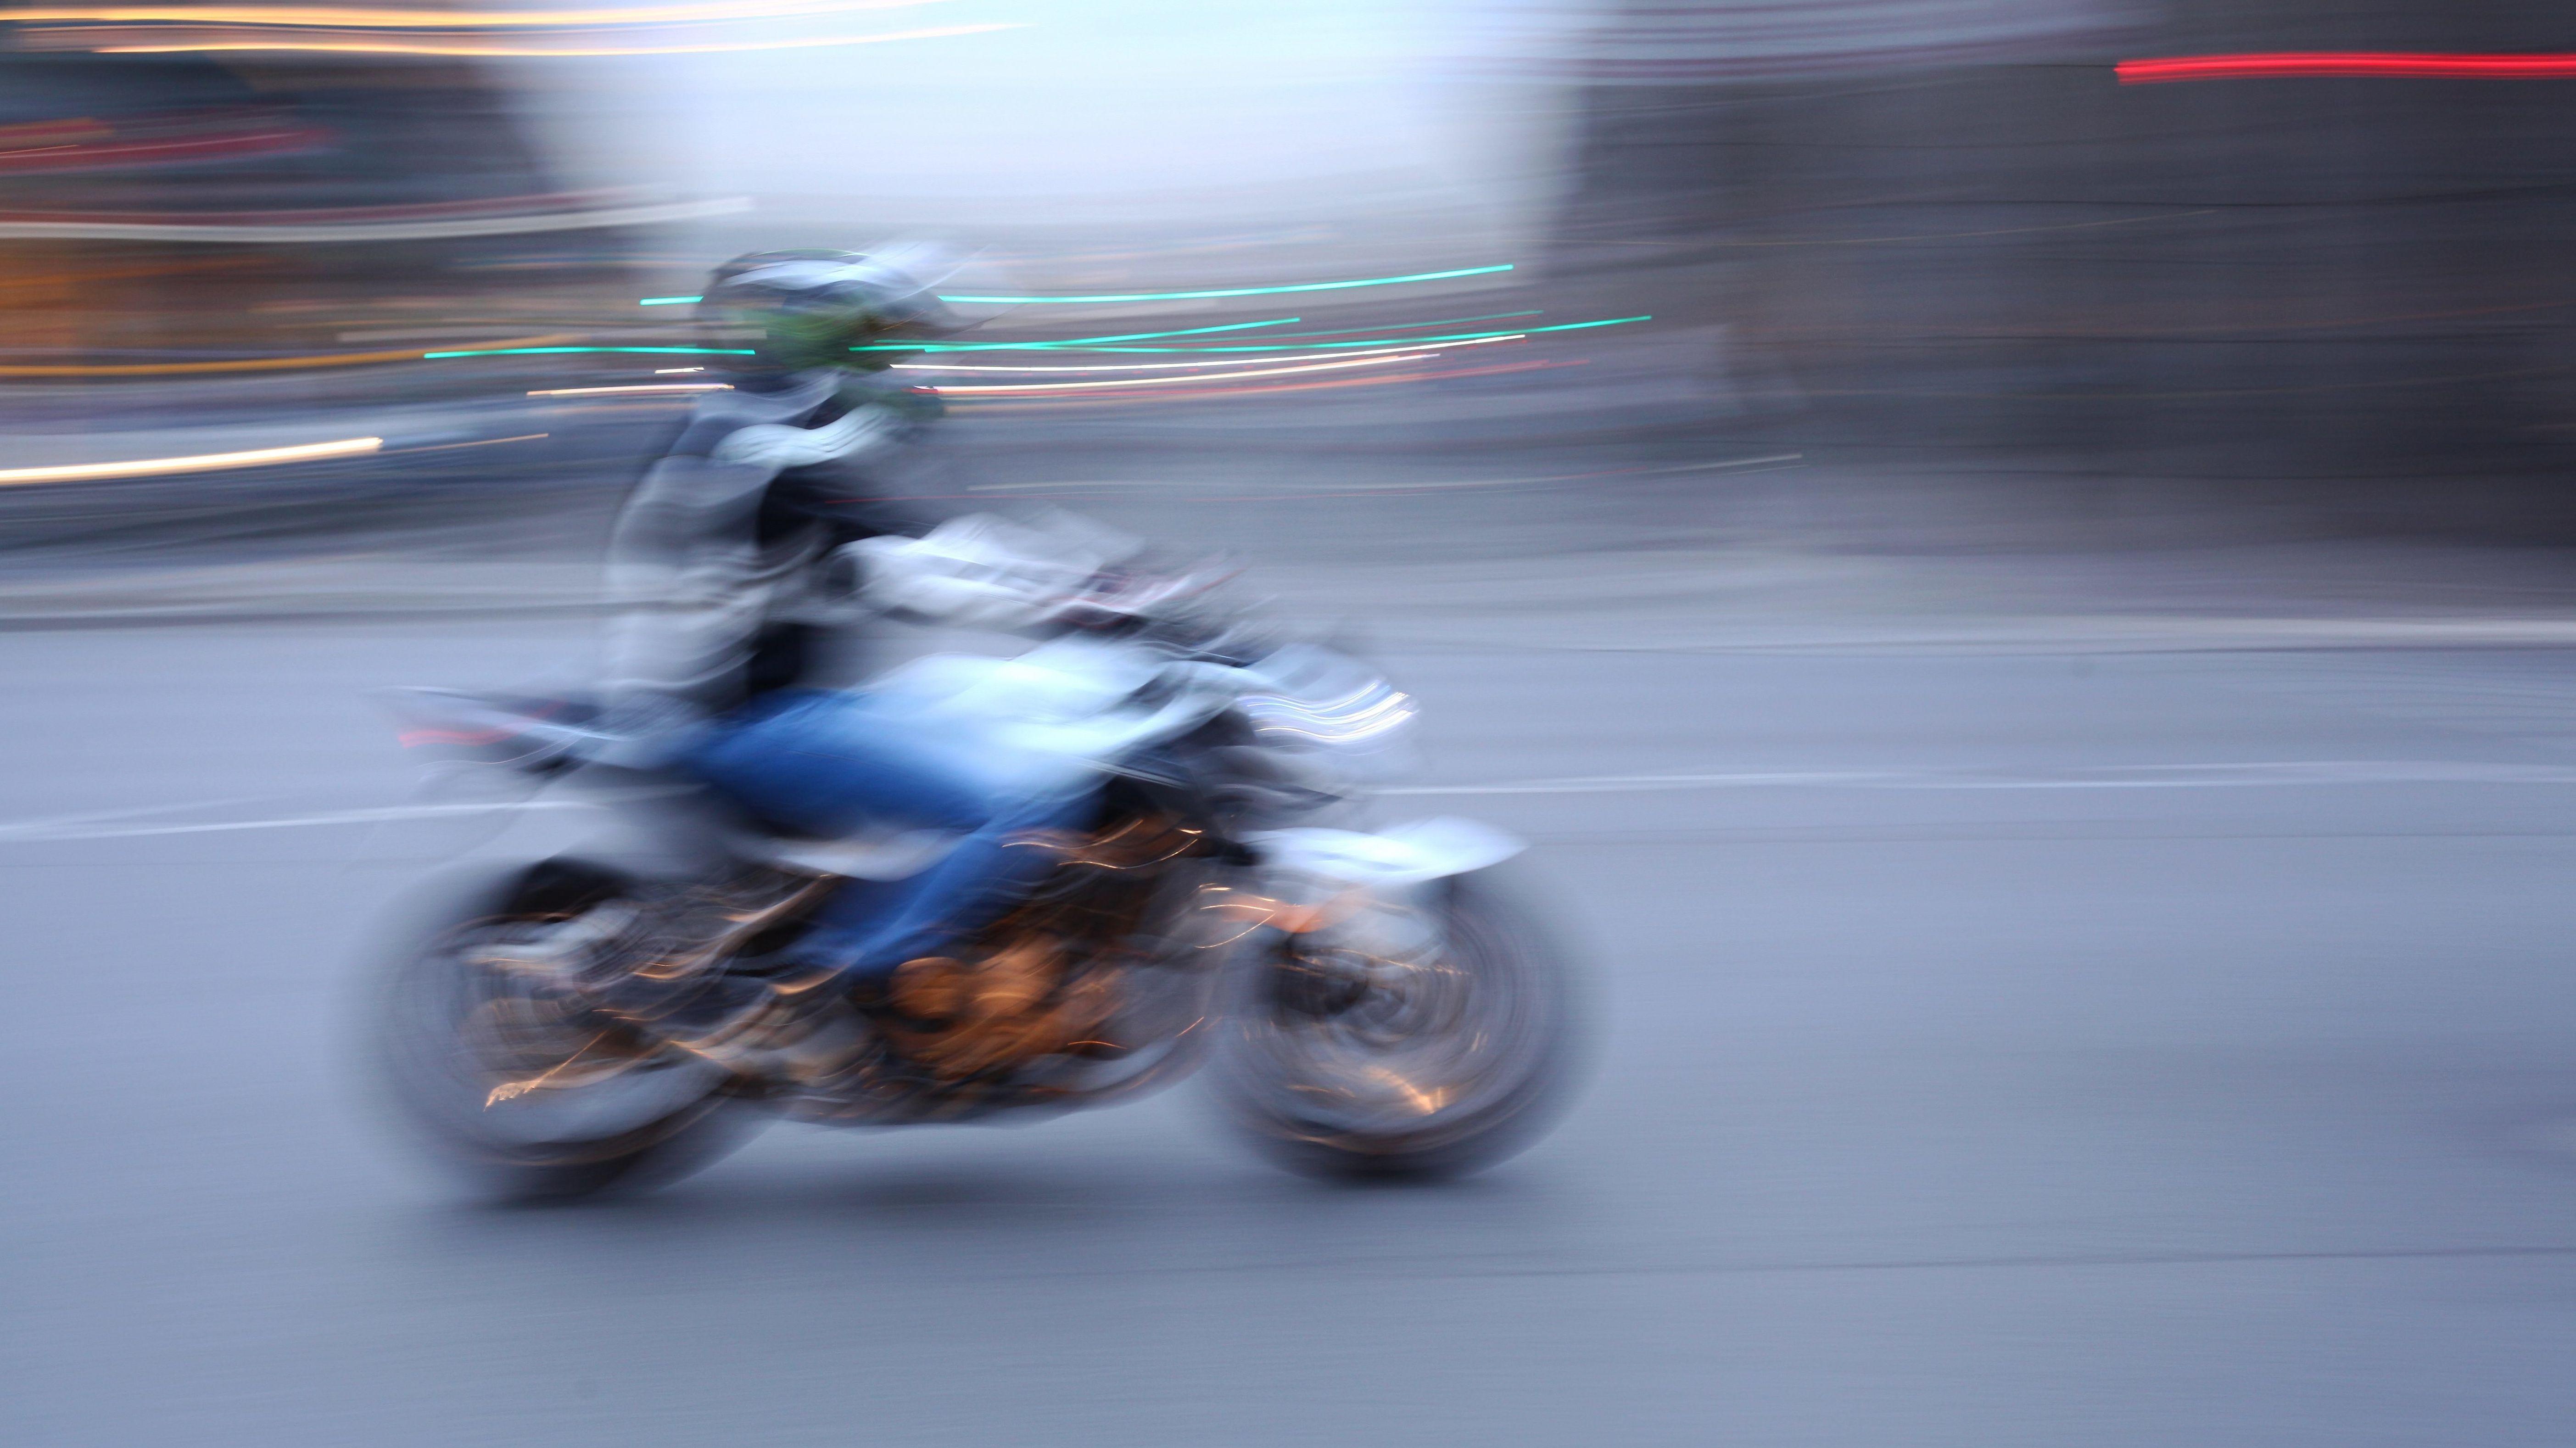 Ein Mann auf einem Motorrad - Aufnahme mit etwas längerer Belichtungszeit